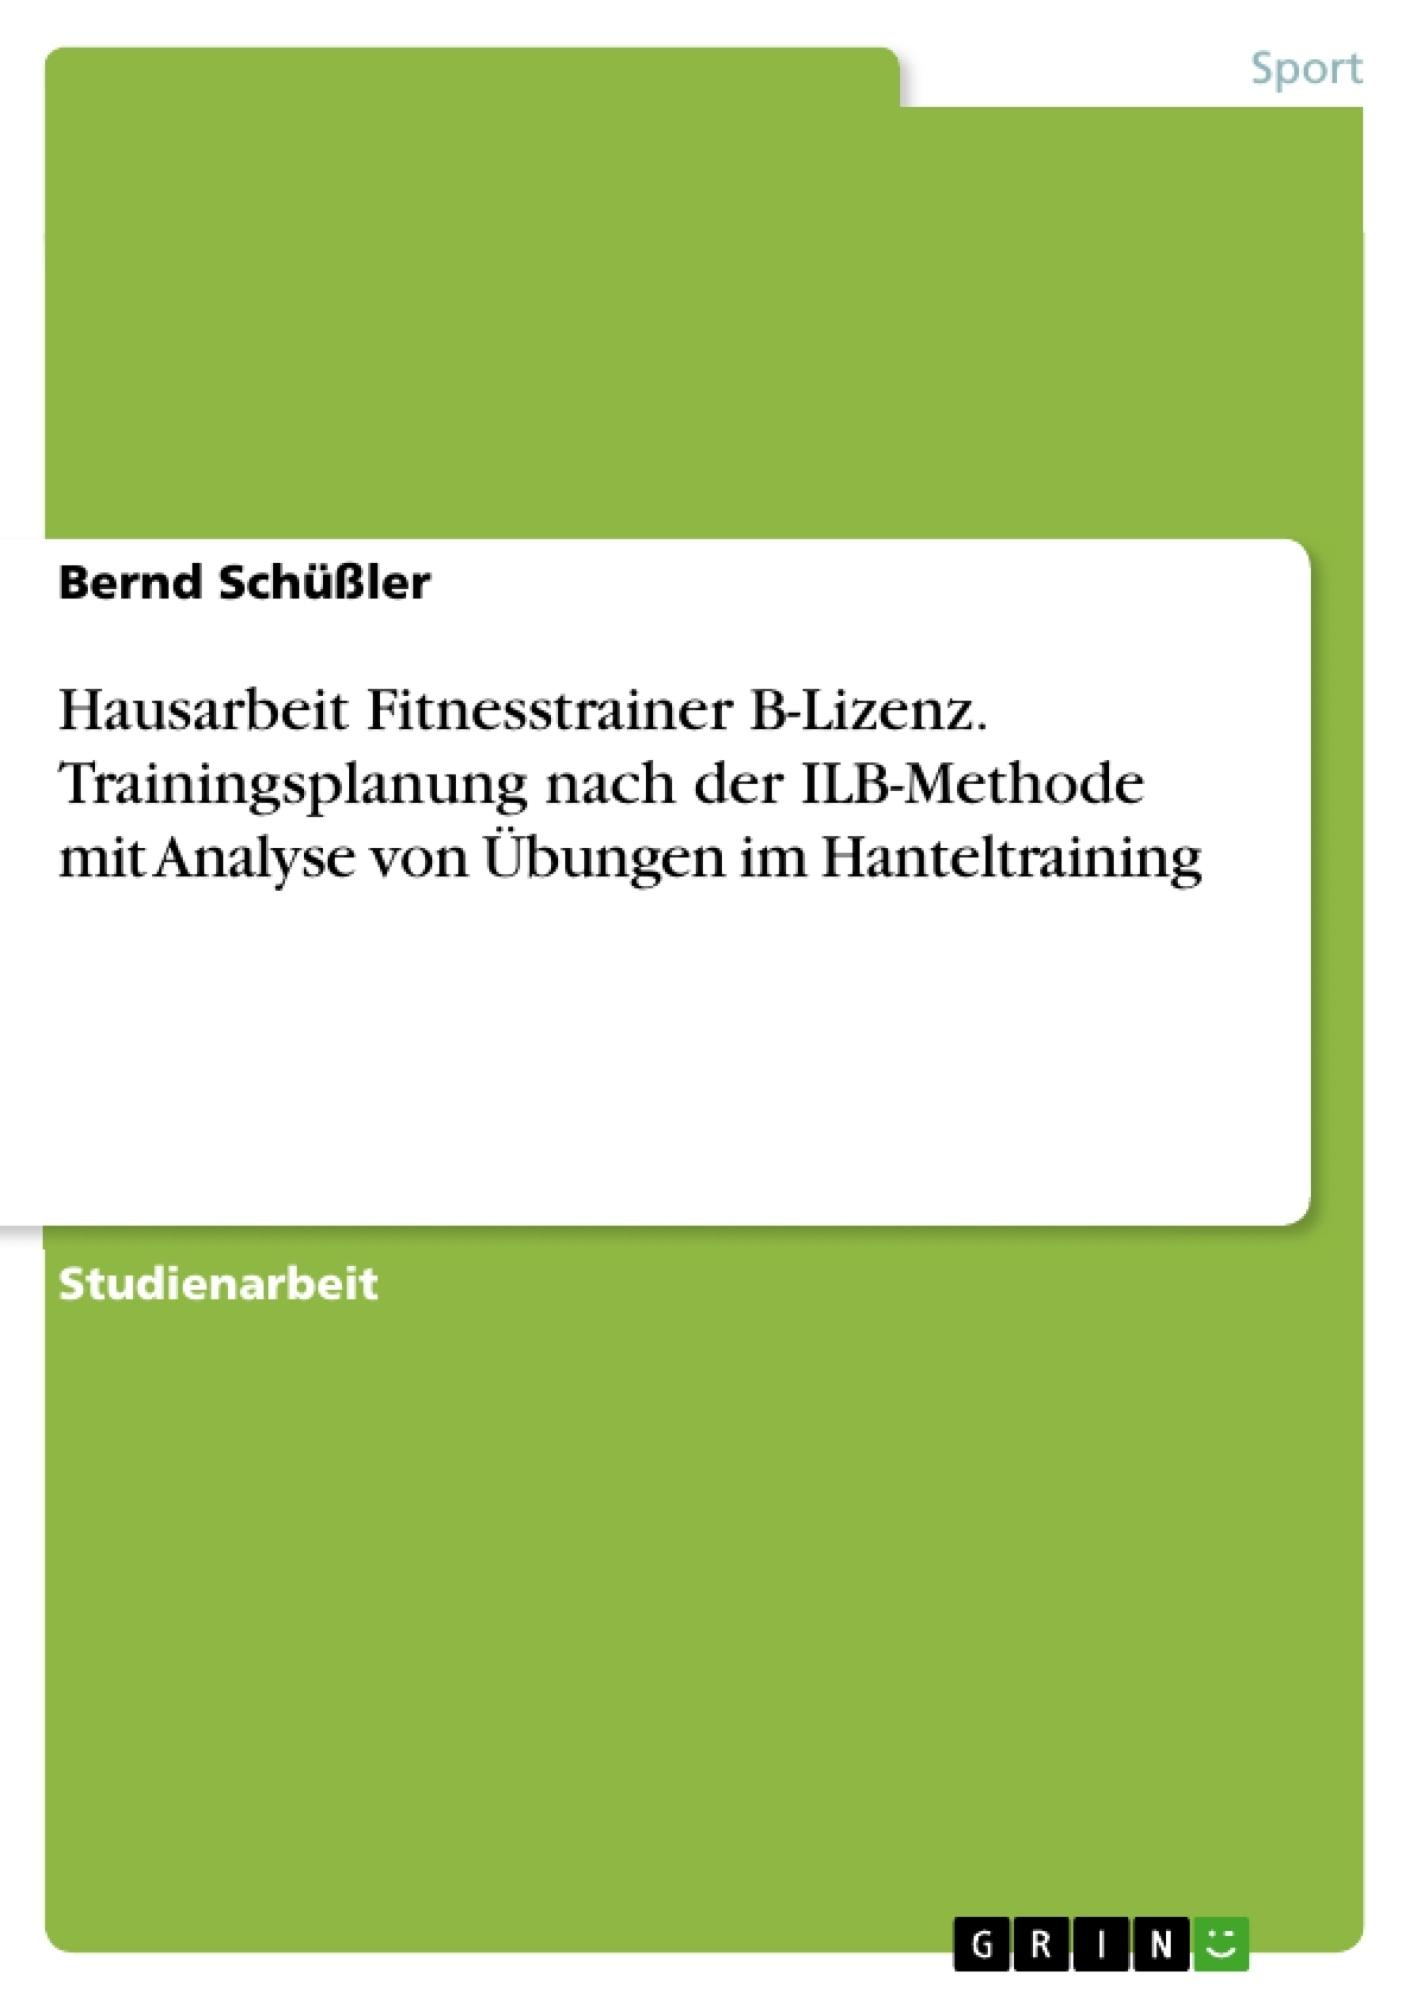 Titel: Hausarbeit Fitnesstrainer B-Lizenz. Trainingsplanung nach der ILB-Methode mit Analyse von Übungen im Hanteltraining